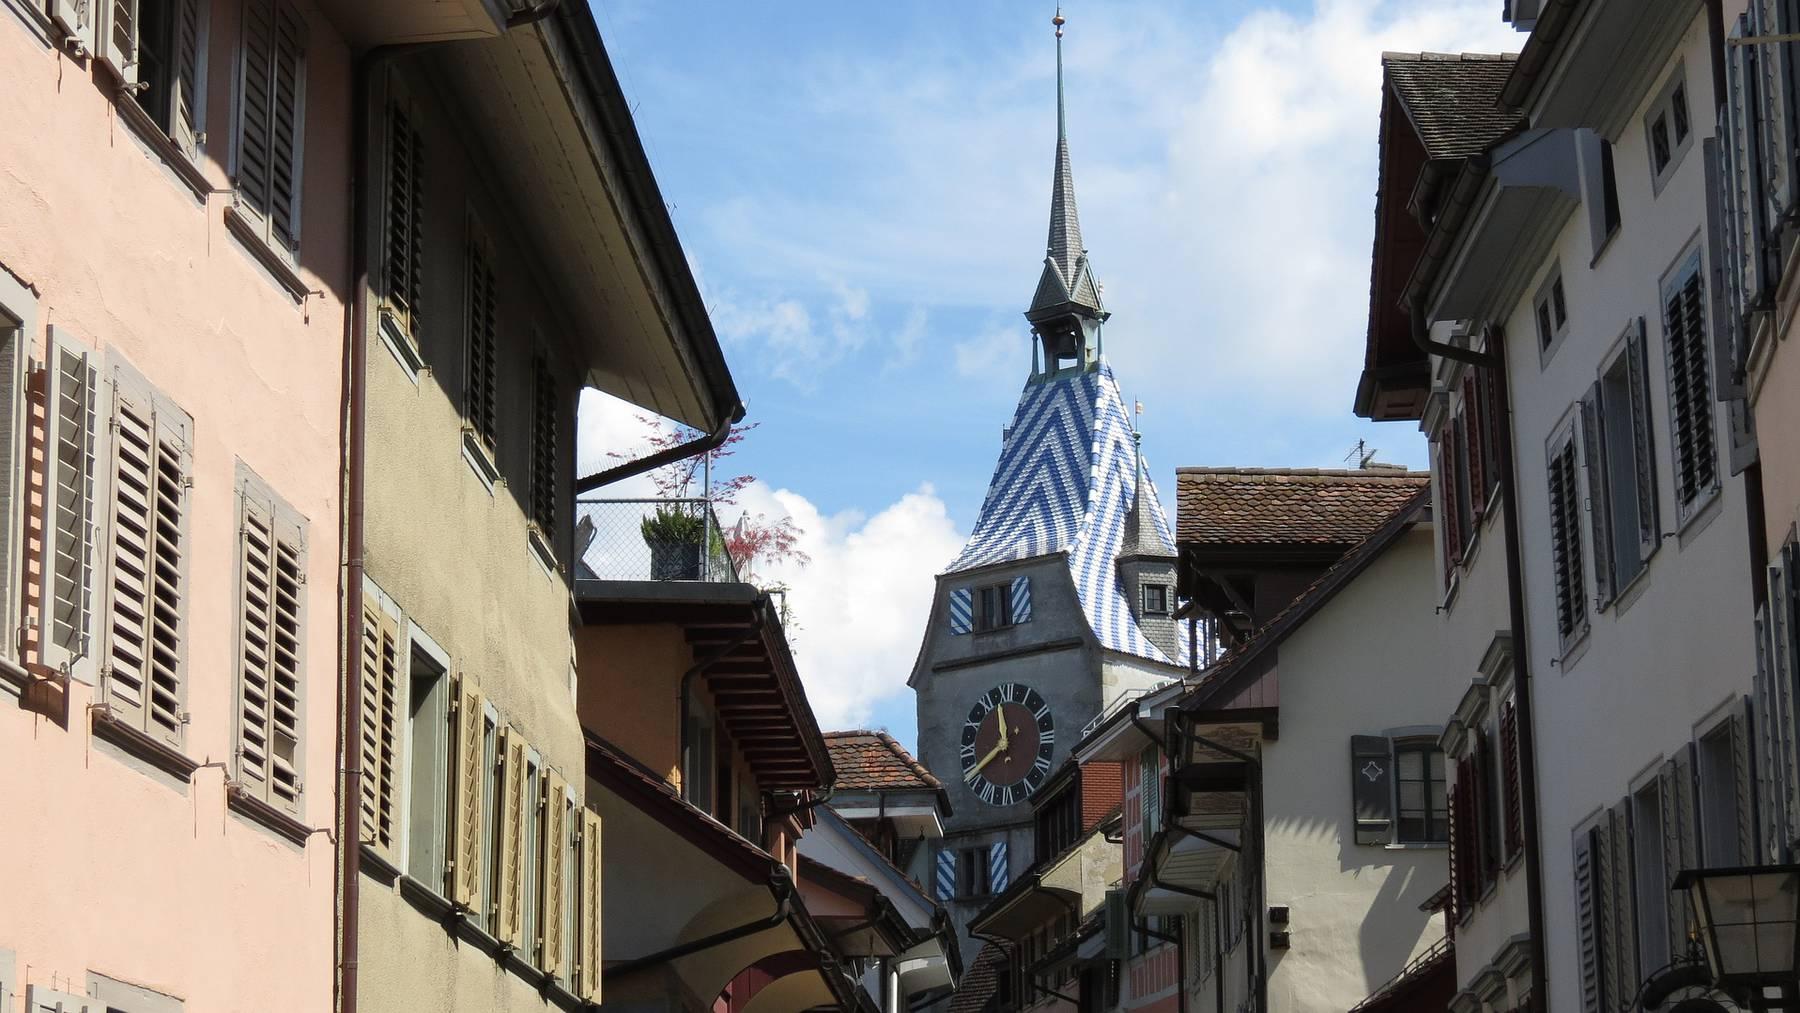 Blick durch die Zuger Innen- und Altstadt